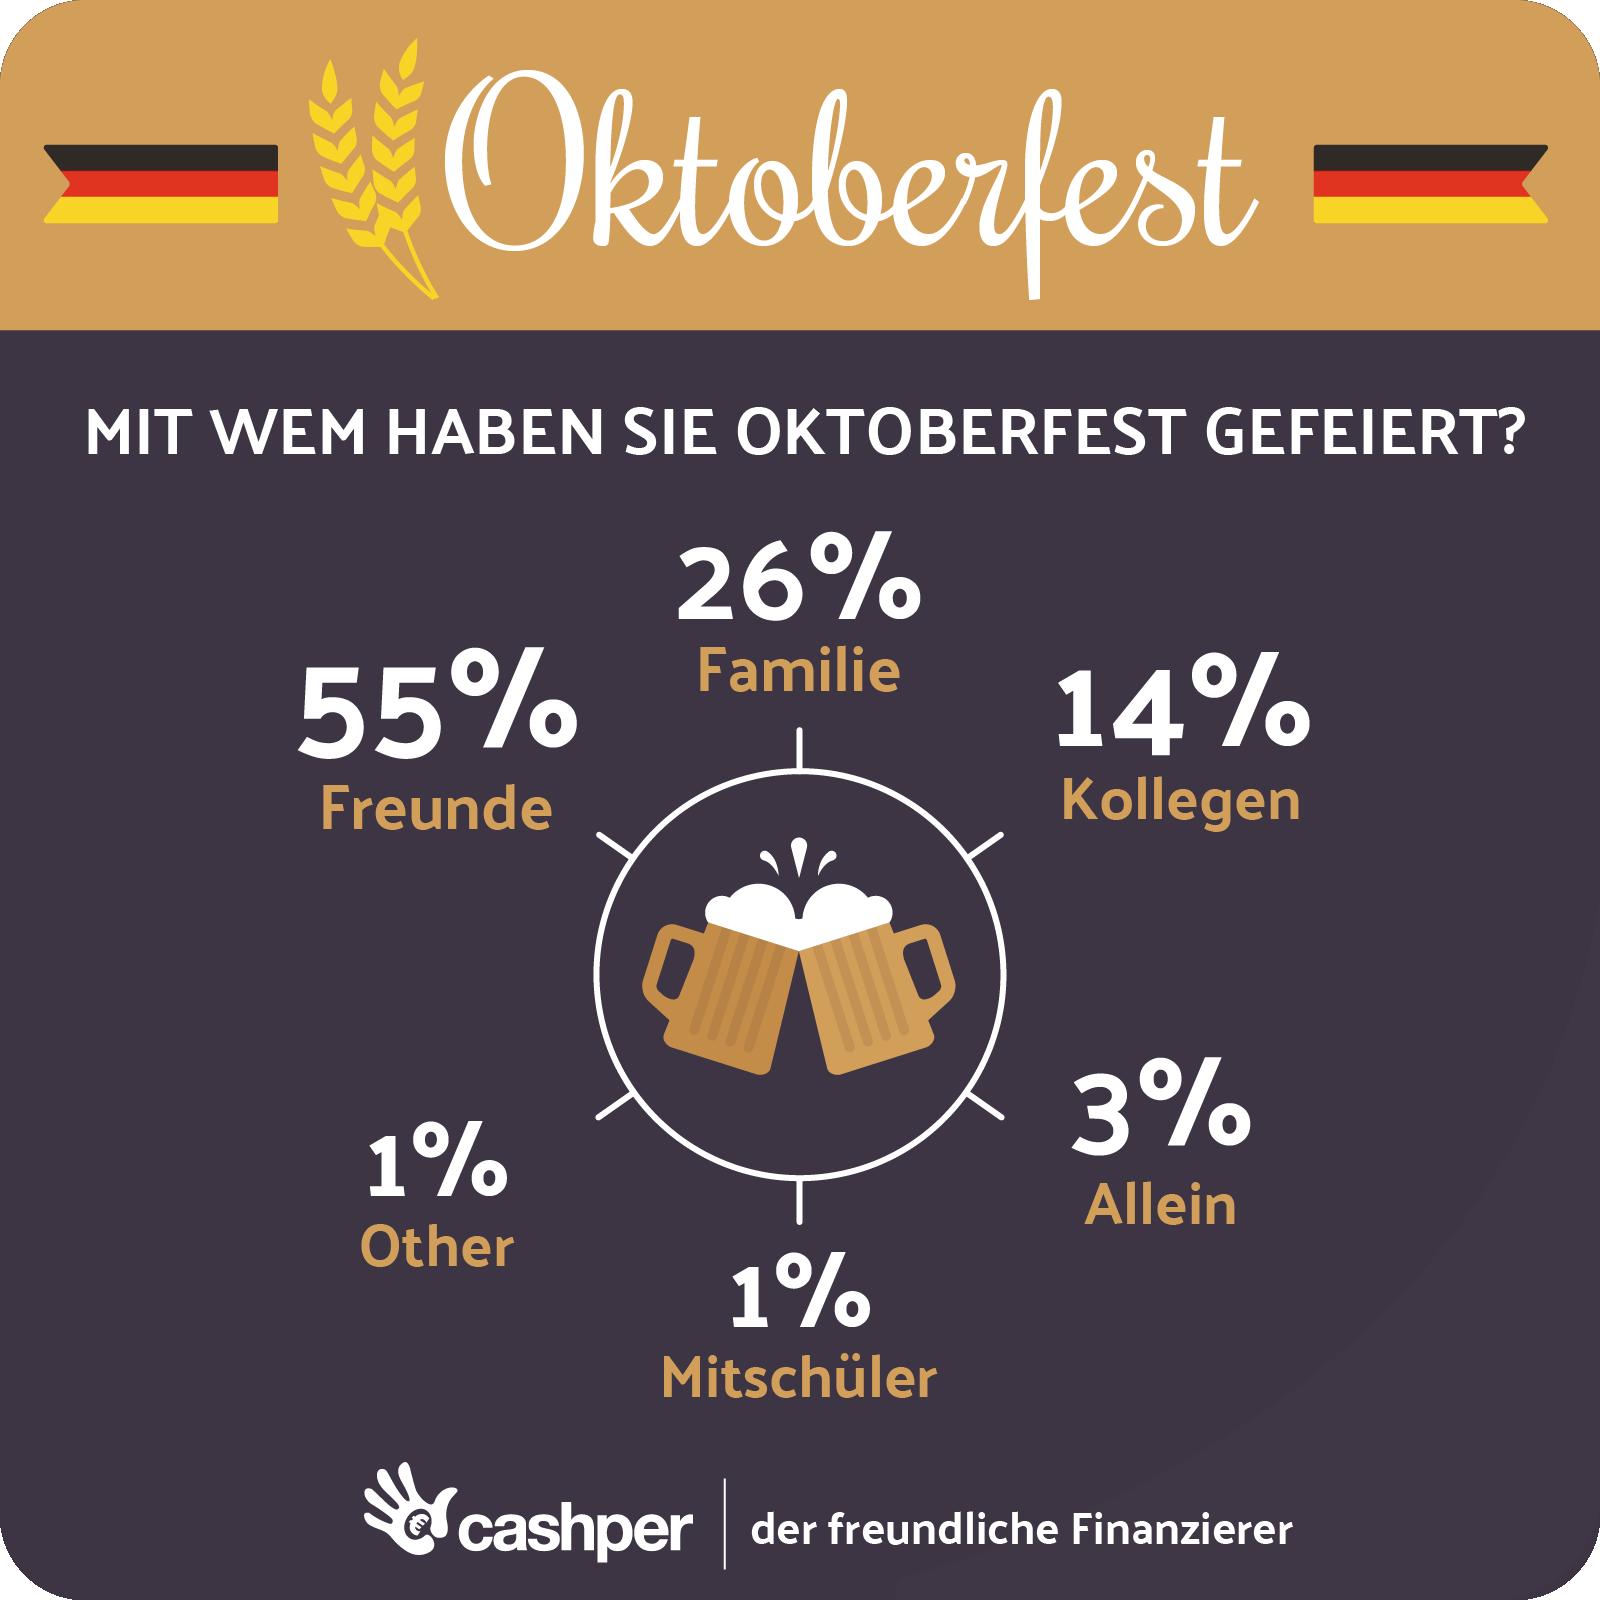 Das Oktoberfest Rückblick 2017 | Infografiken | Pinterest | Freunde ...